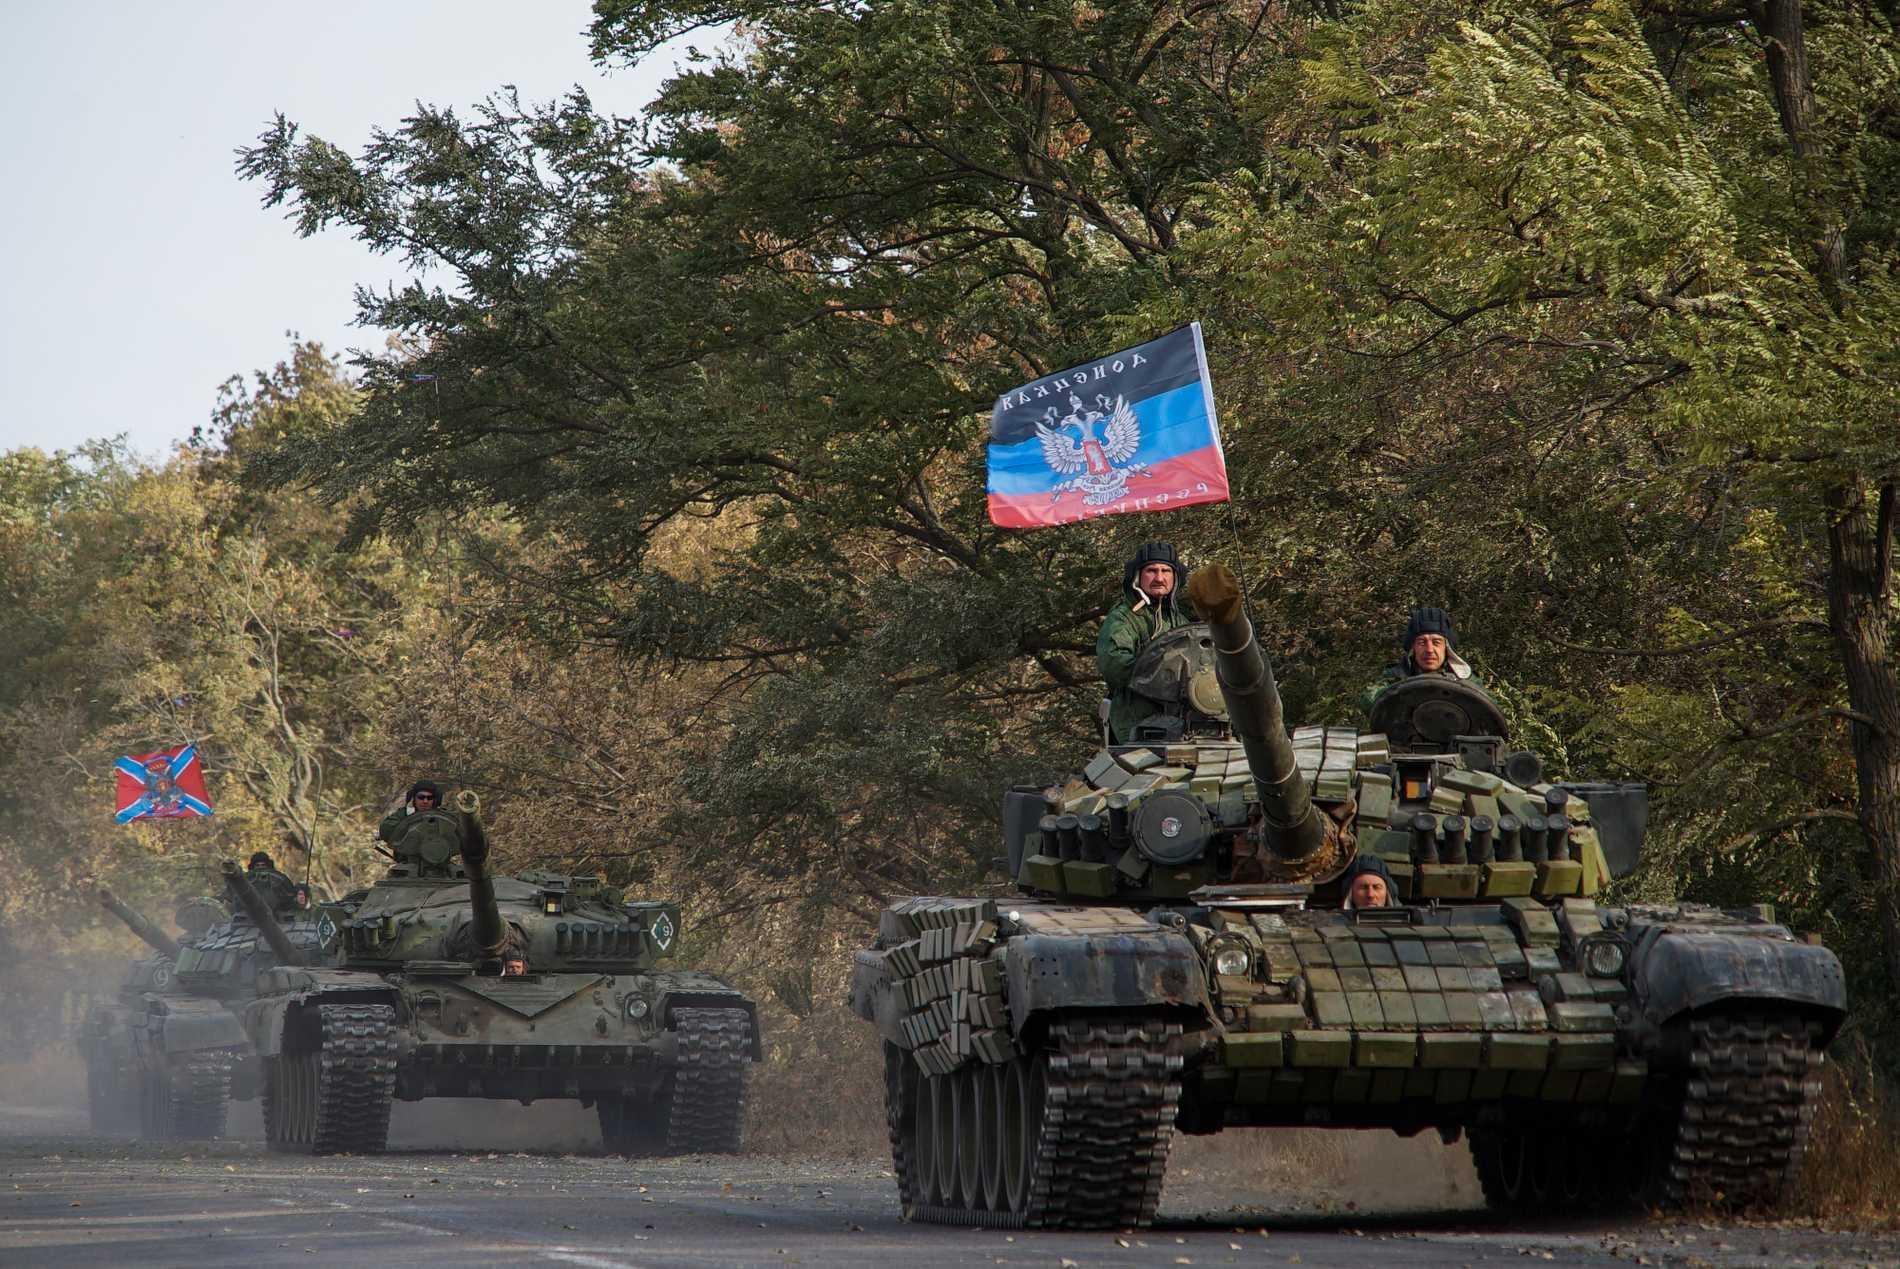 Proryska separatister på en arkivbild från 2015.